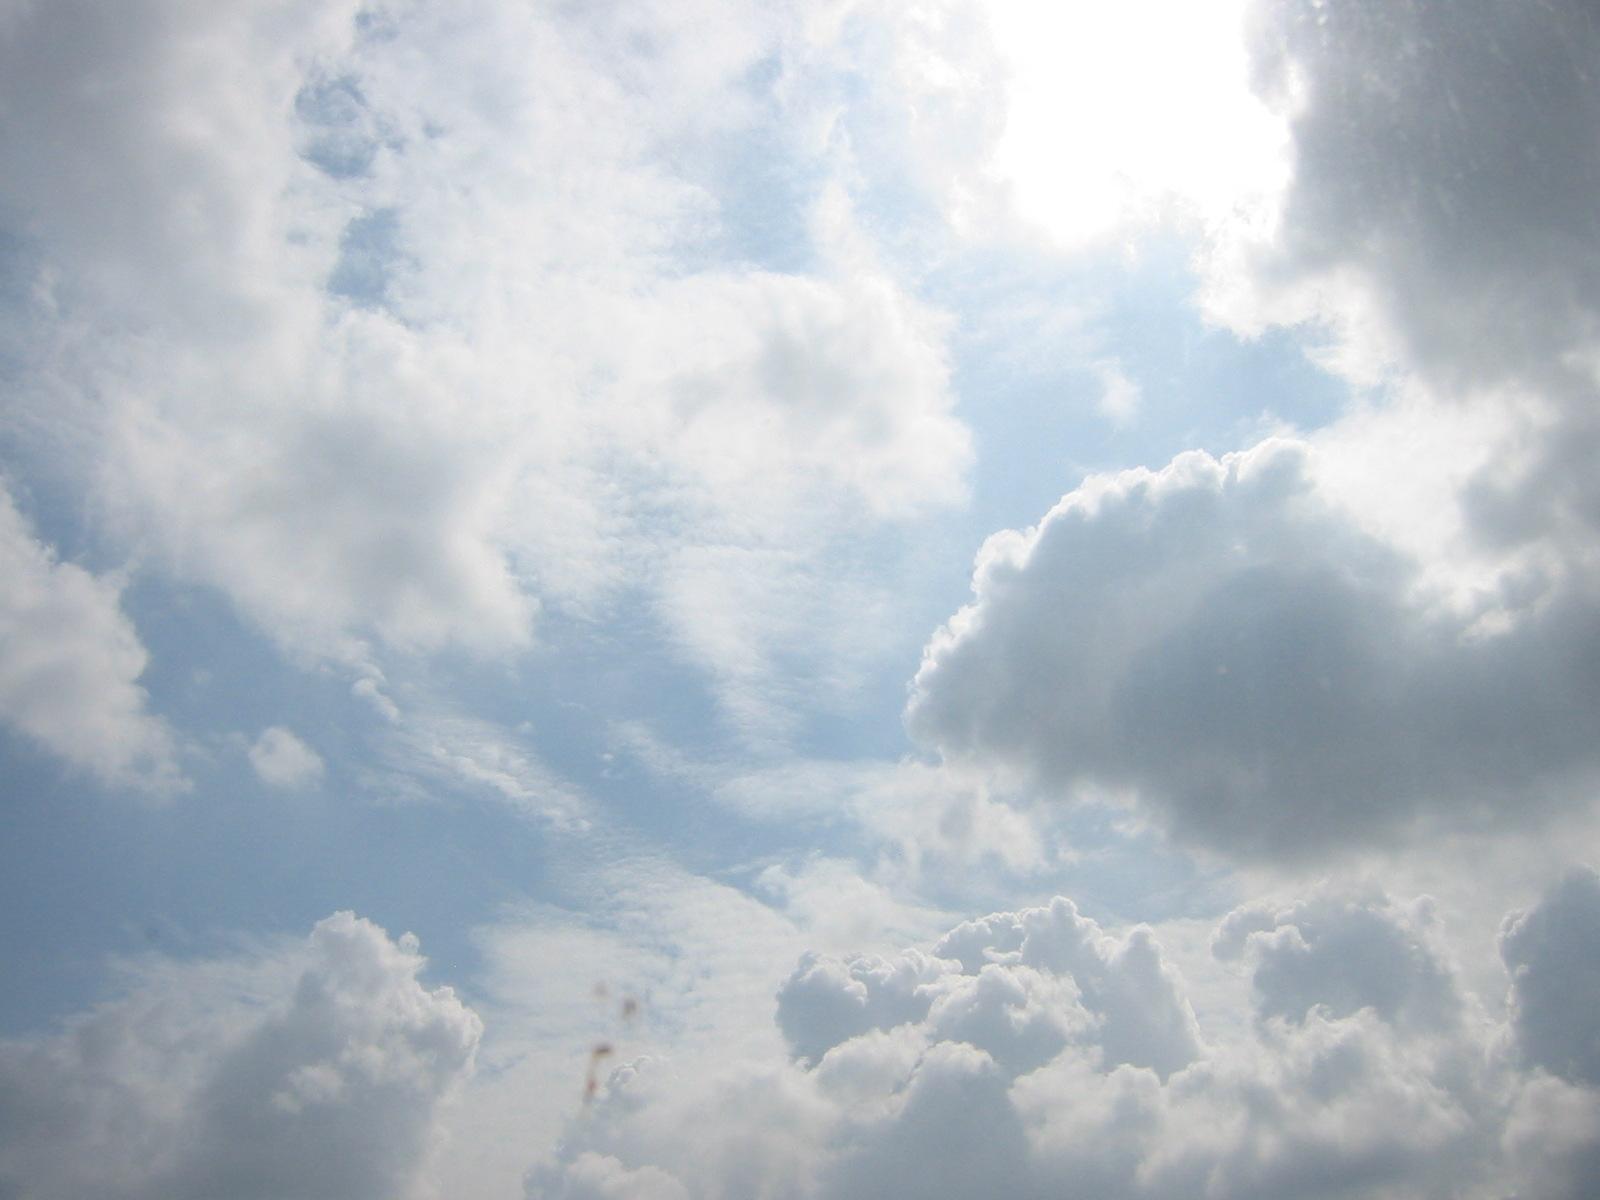 空 台風7号が父島の西を北へ進んでいます。 台風の接近を示すかのよう、今日は... 台風7号、今